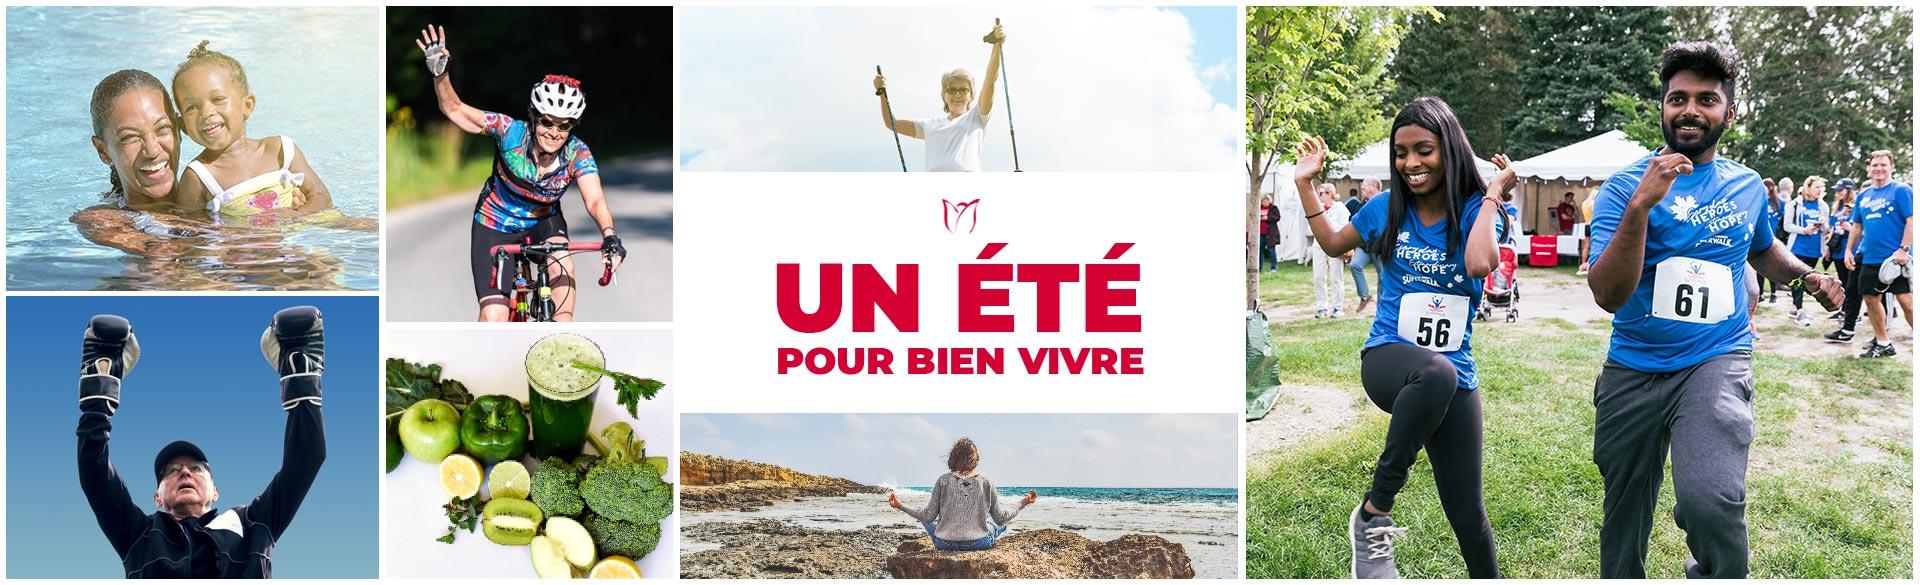 """Featured image for """"Un été pour bien vivre: Vivre bien, quoi qu'il arrive"""""""